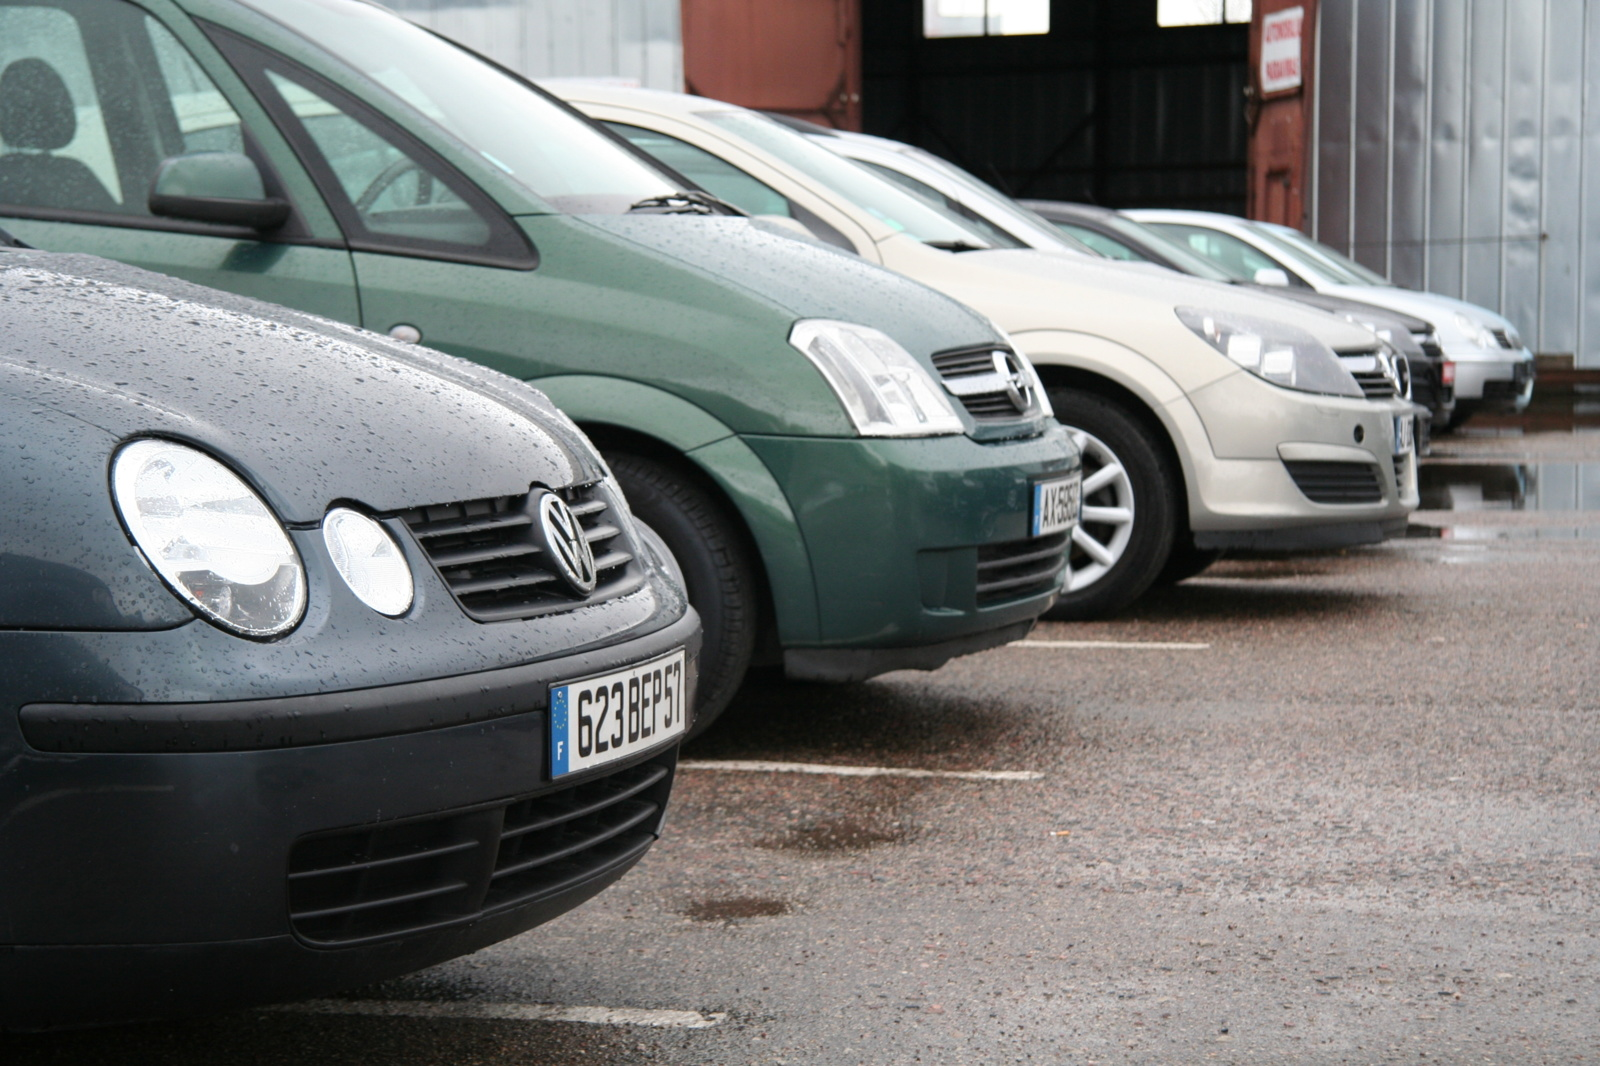 Patikrinimas: kas devintas į šalį įvežamas automobilis turės būti sunaikintas